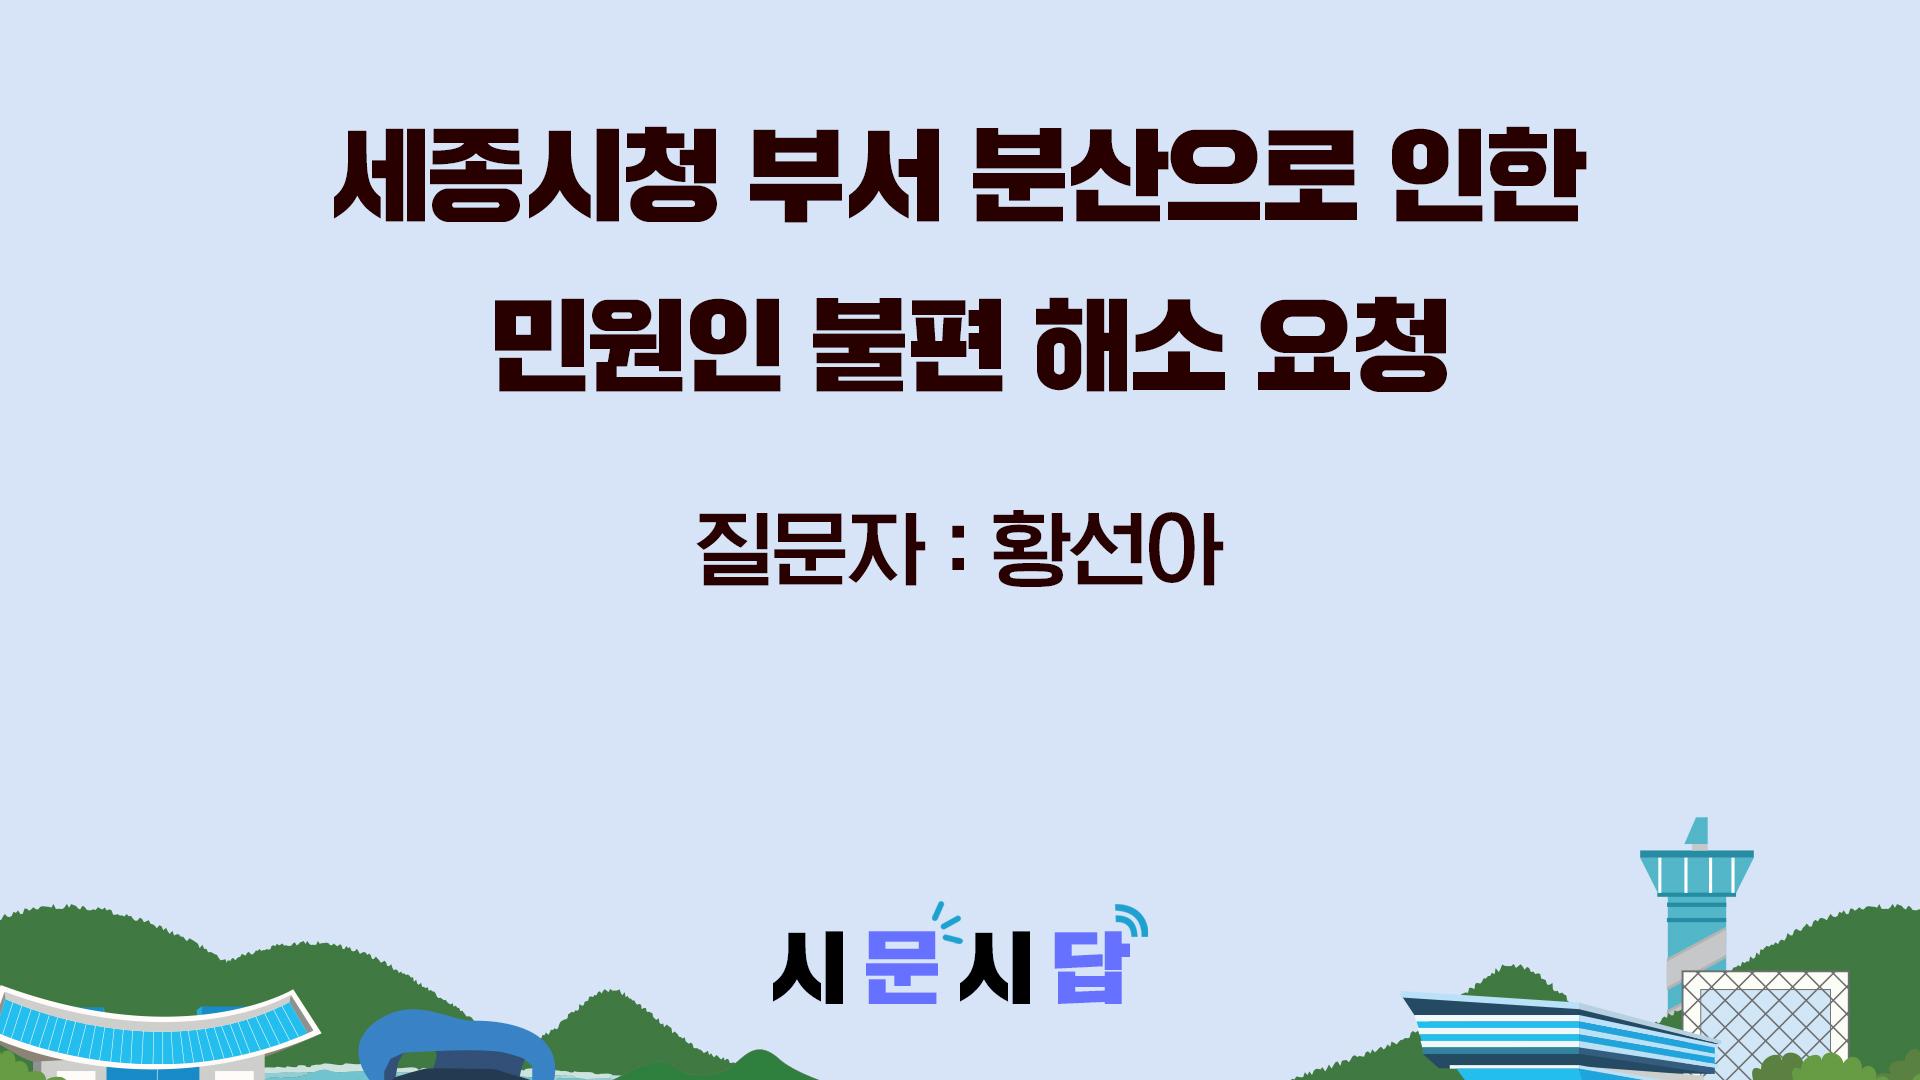 <시문시답> 세종시청 부서 분산으로 인한 민원인 불편 해소 요청